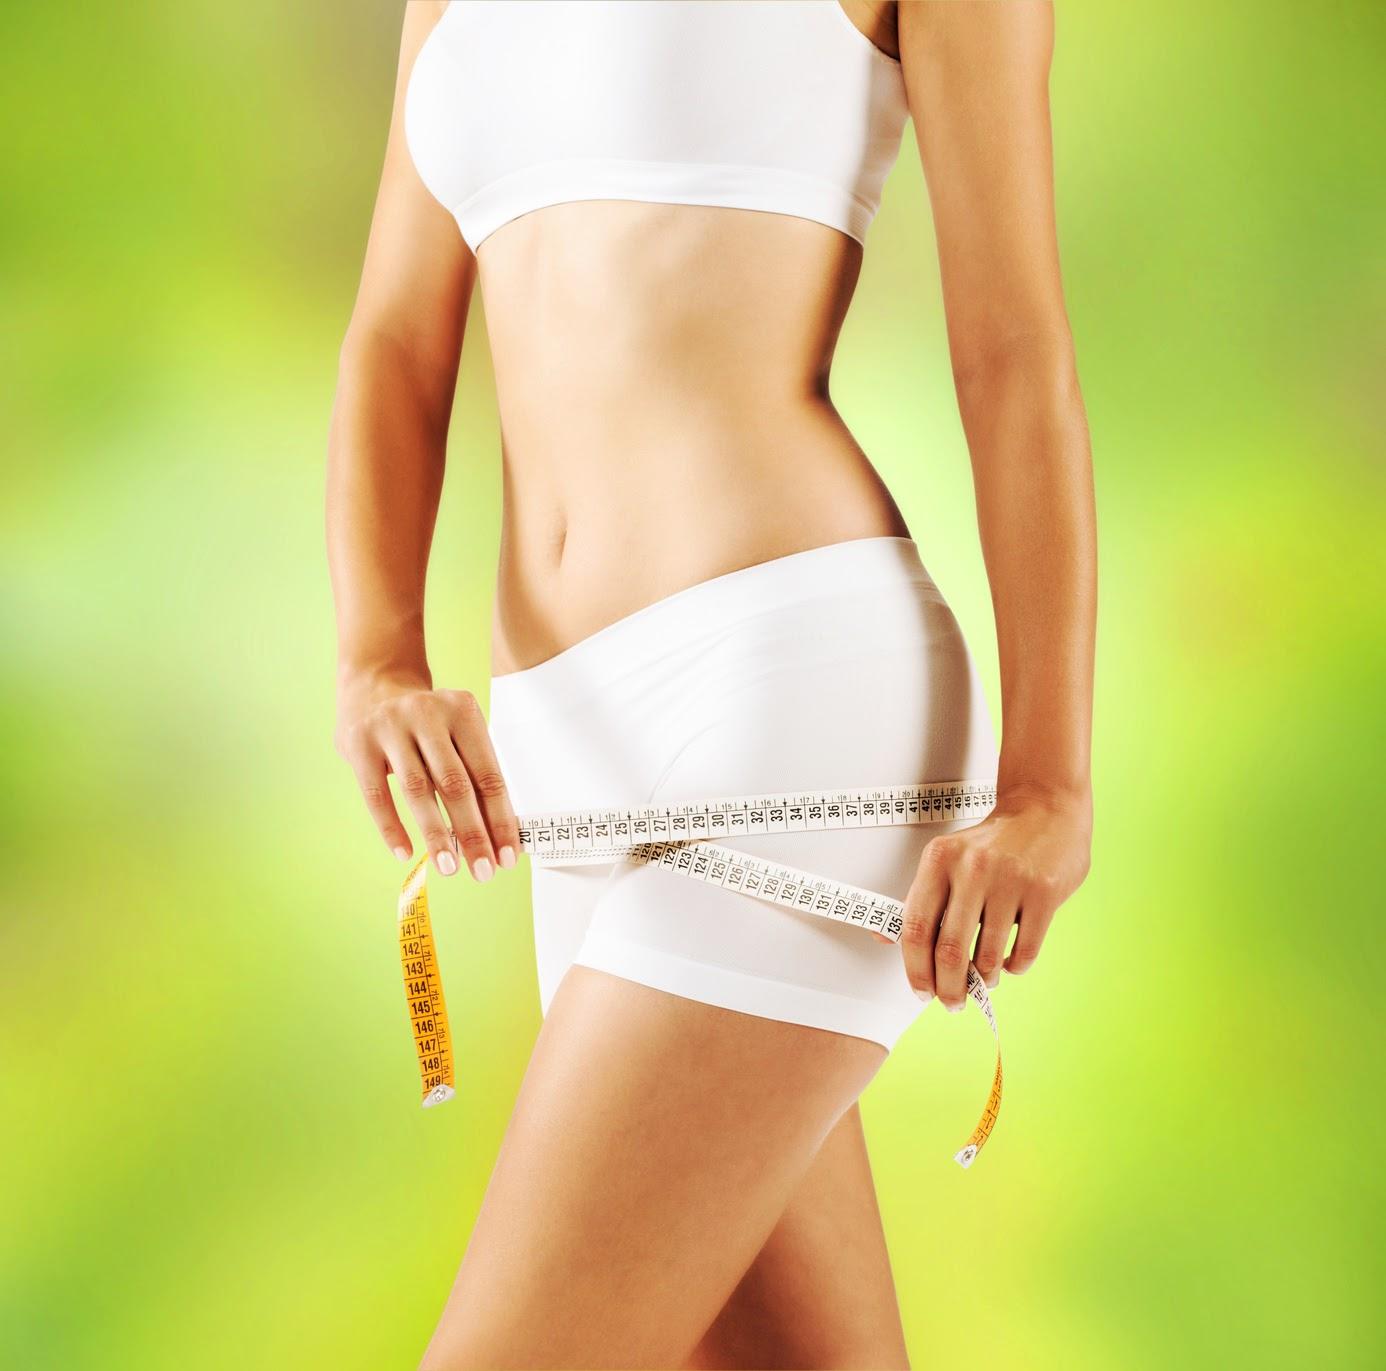 Học lỏm 3 cách giảm béo hiệu quả của người Nhật